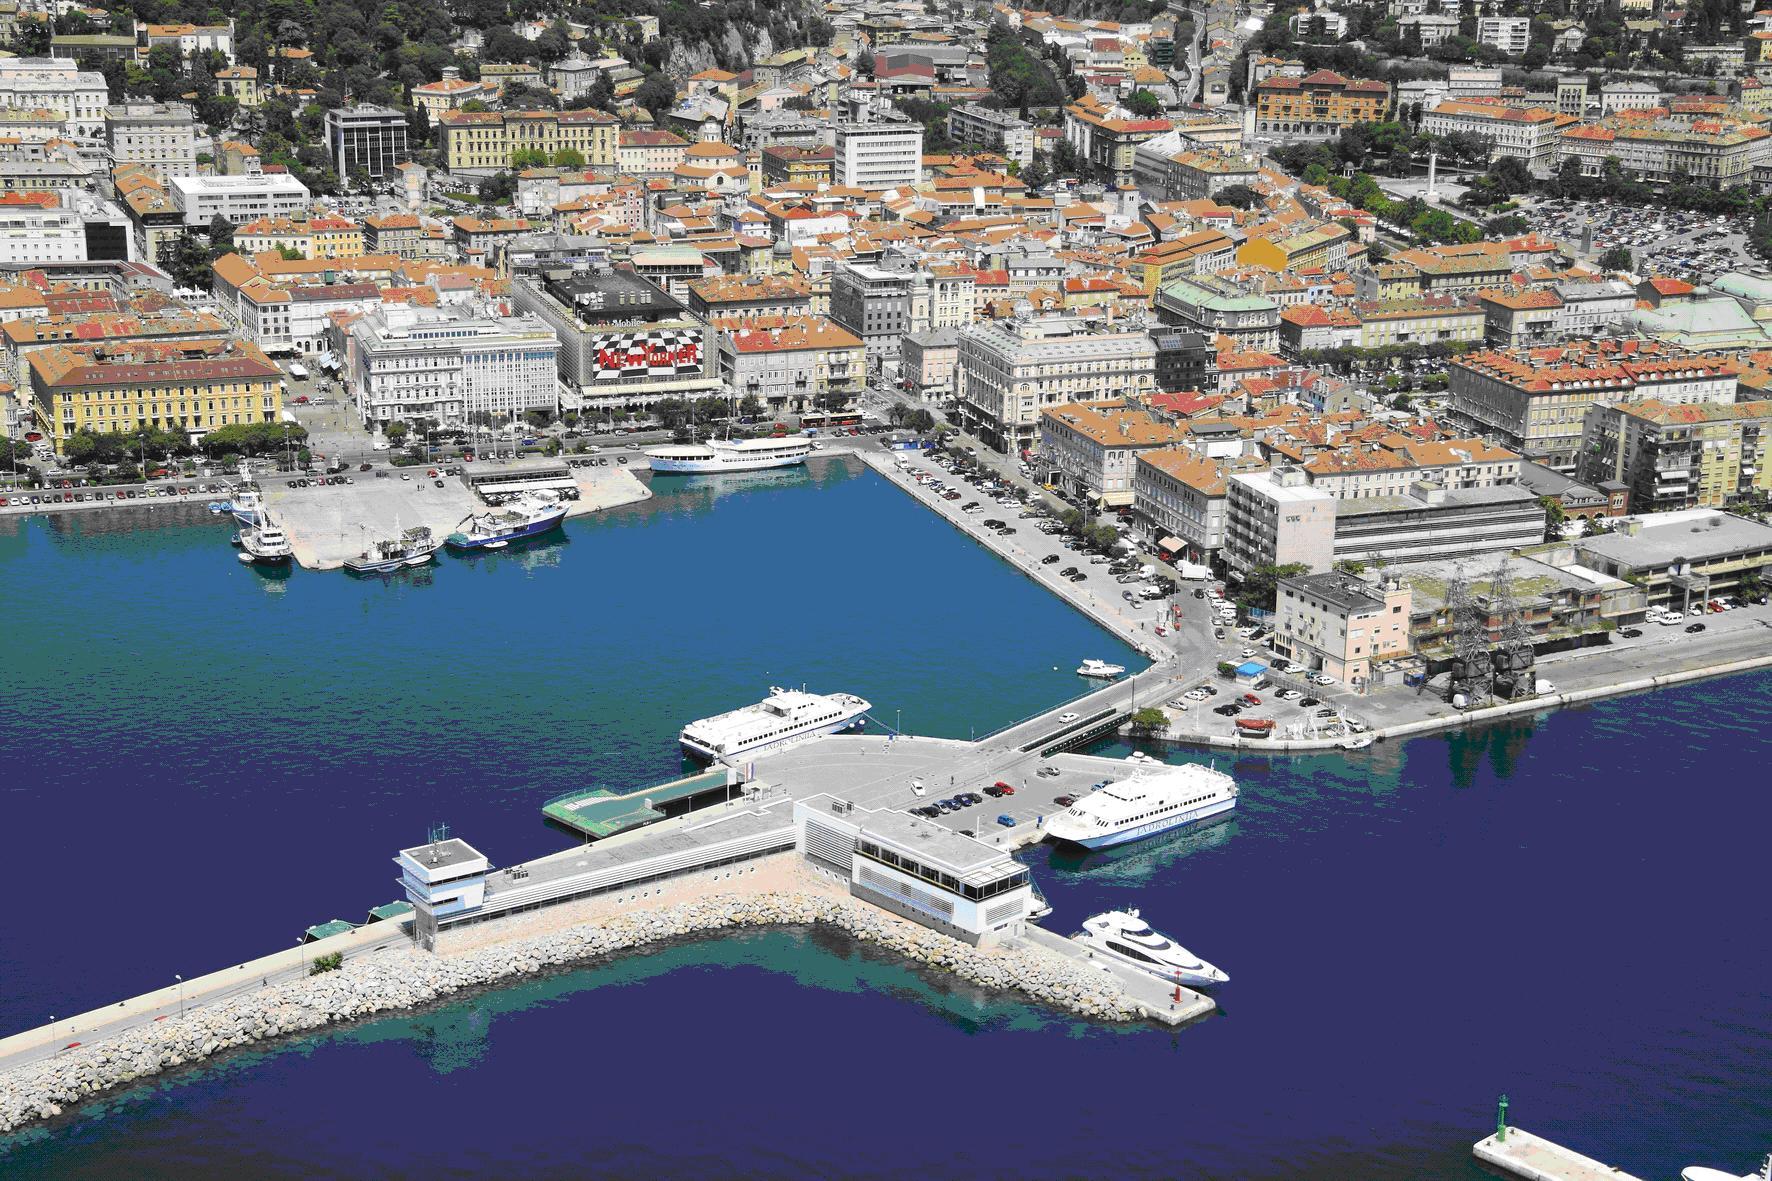 Rijeka Hotelreservierung, Apartment Villas, und All ...